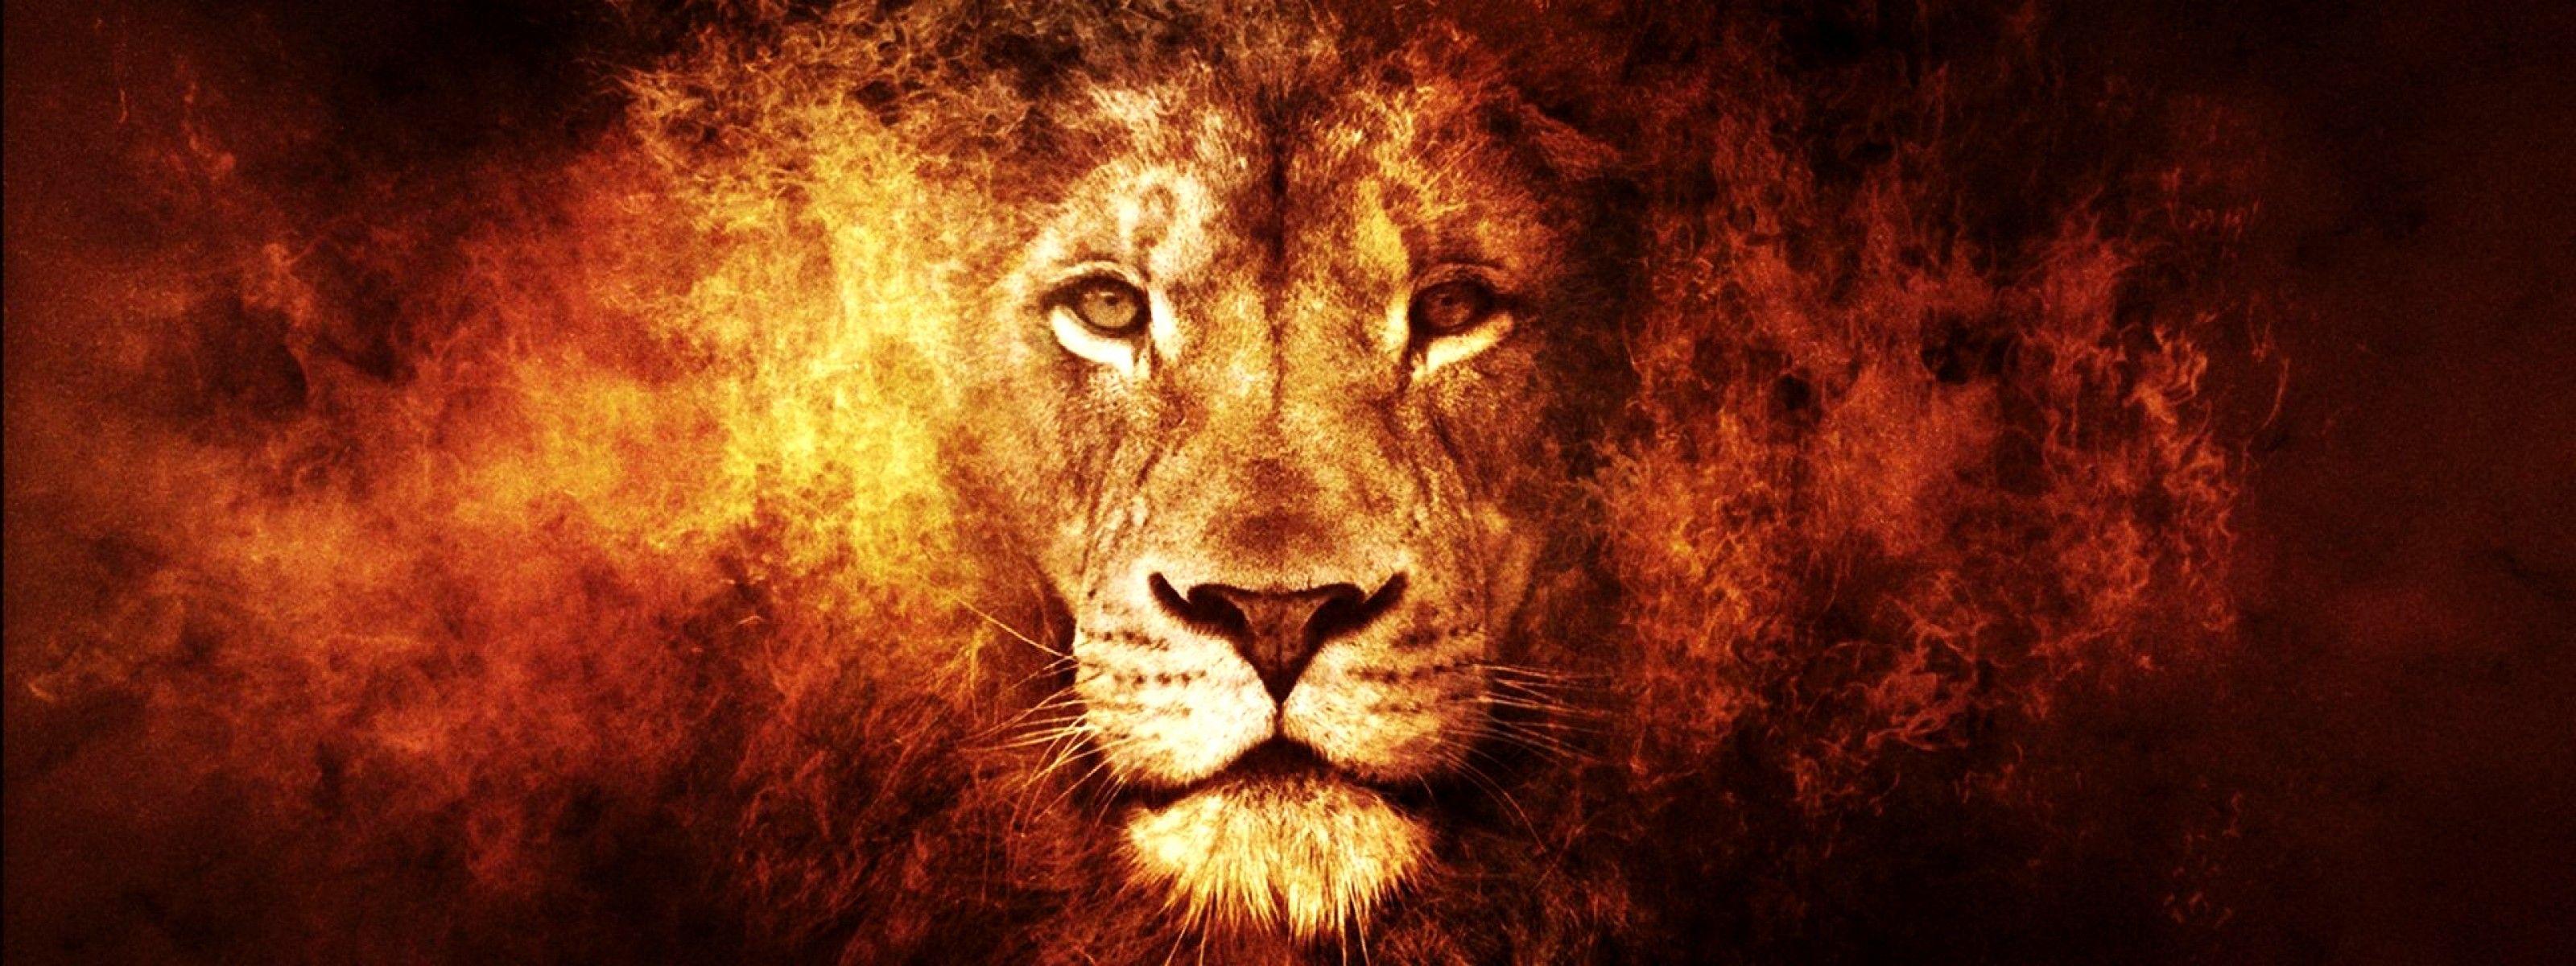 Leon De Juda Places To Visit Lion Wallpaper Lion Pictures Lion